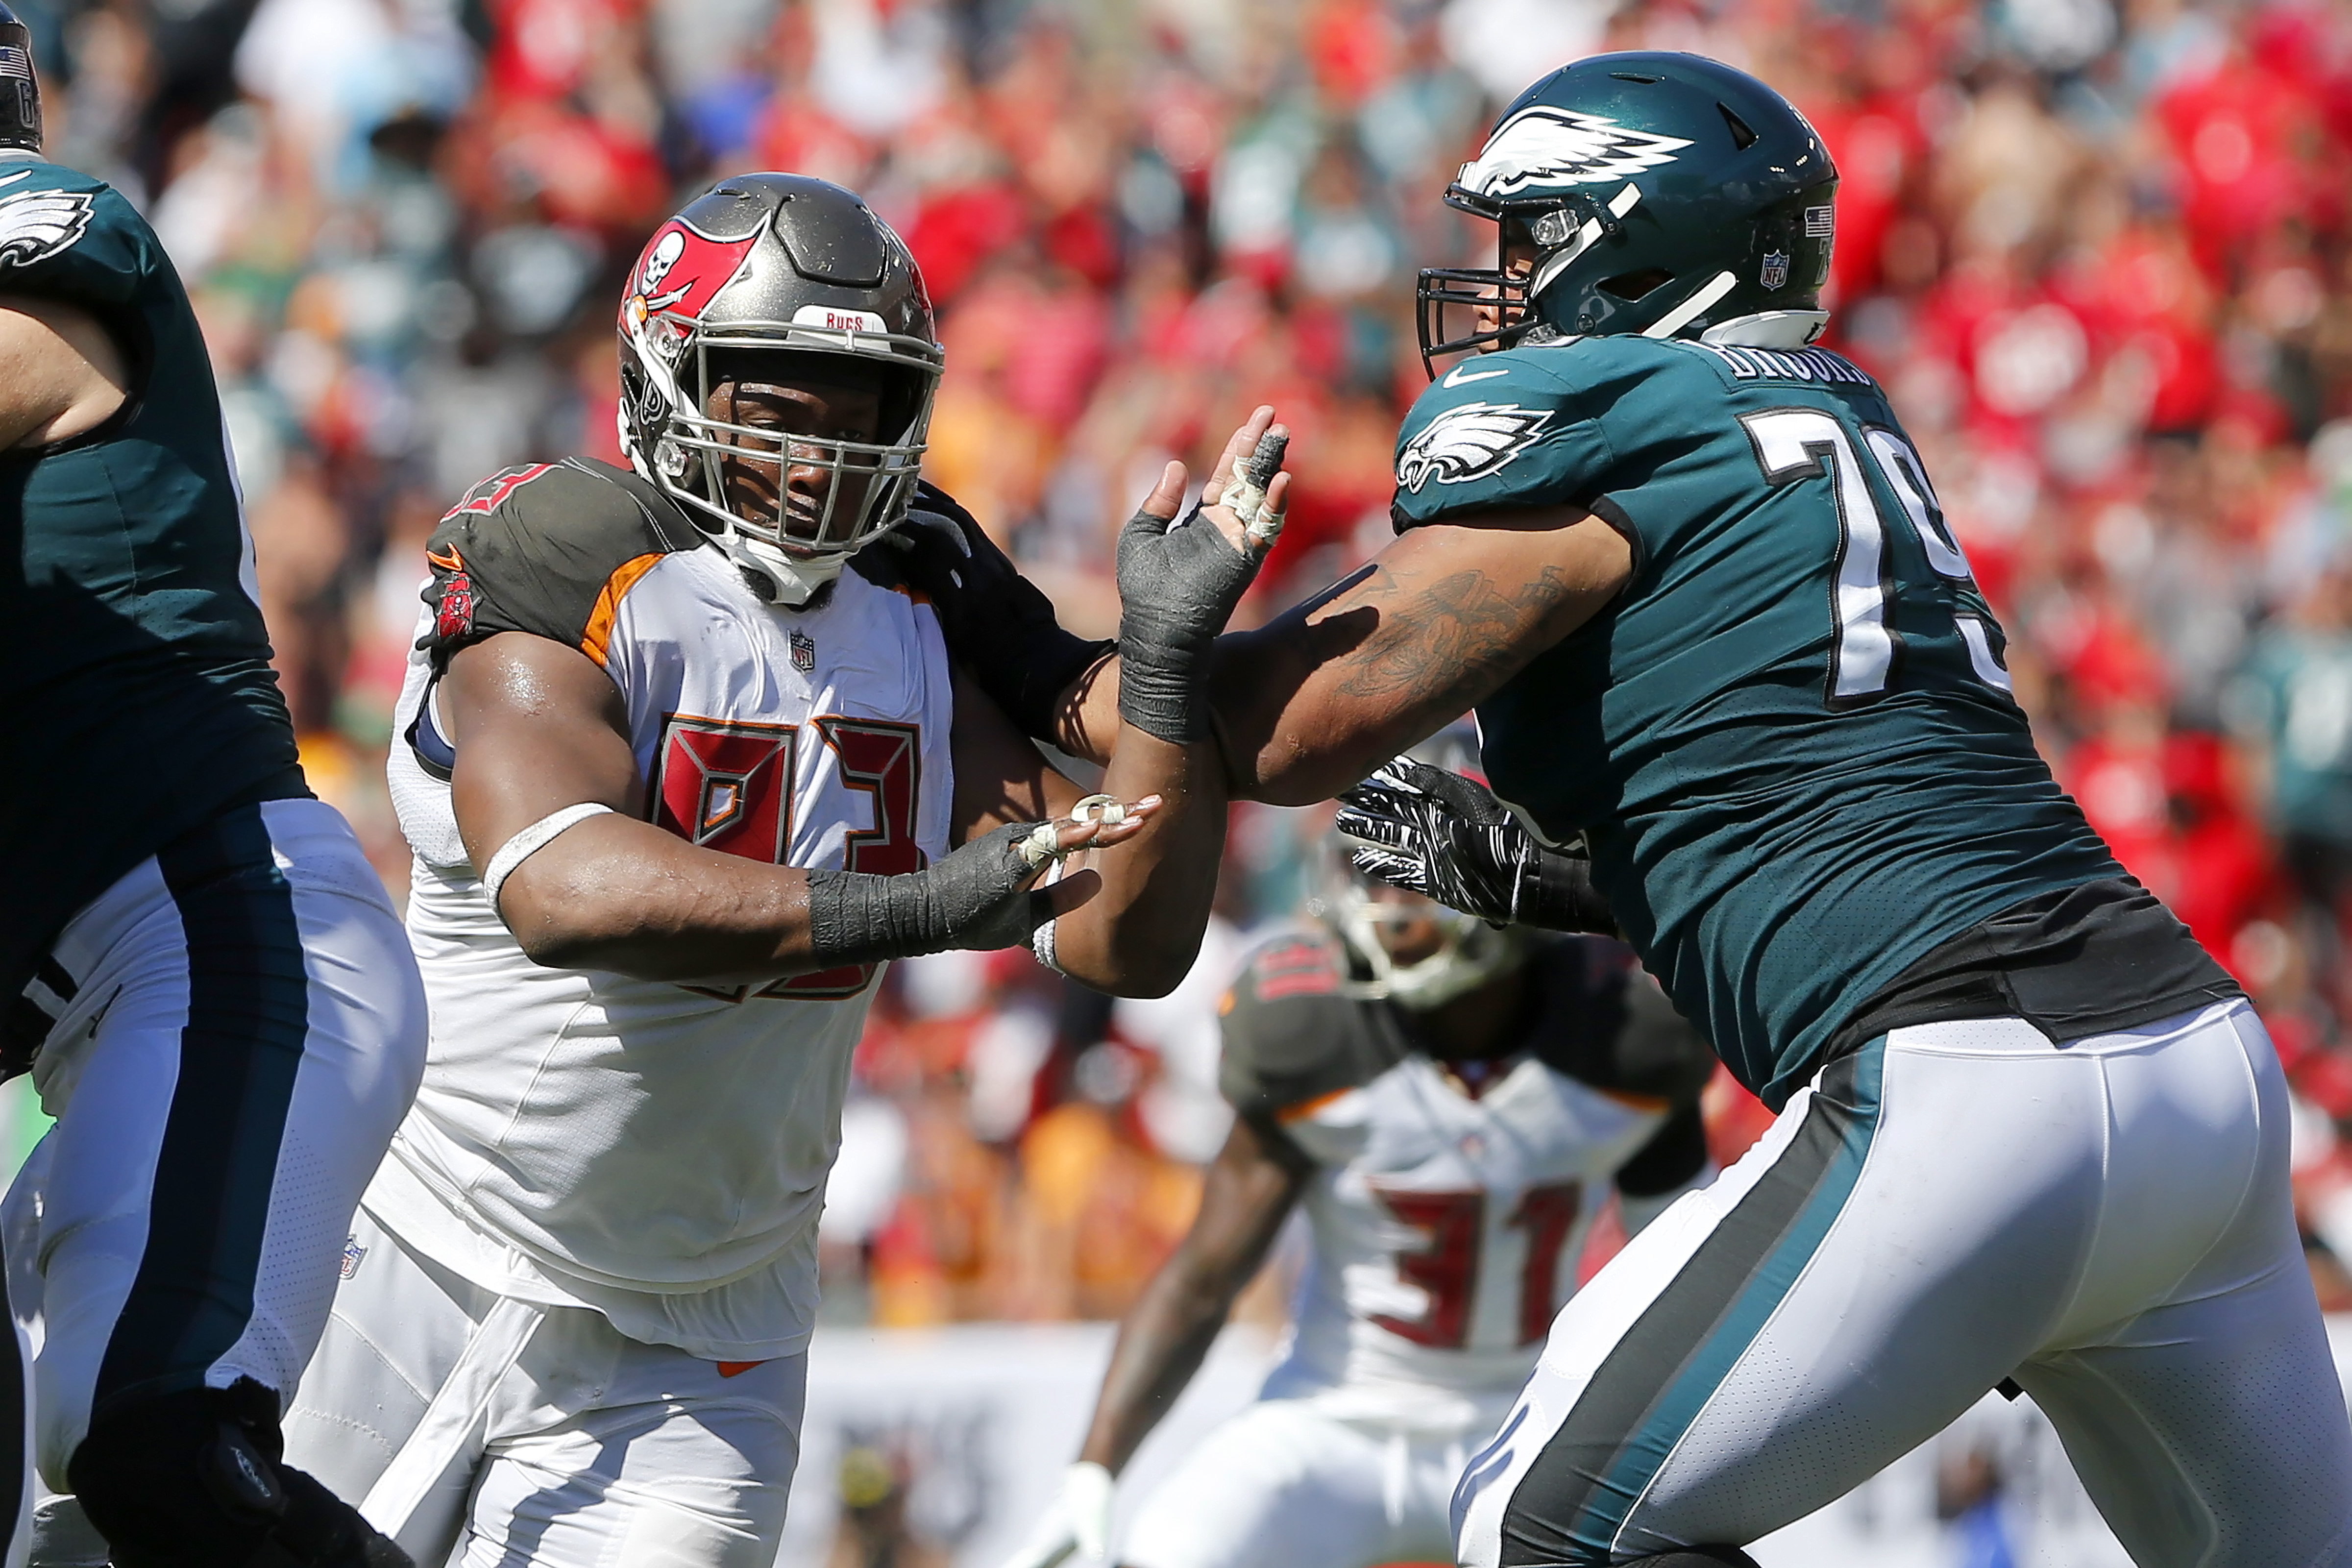 NFL: SEP 16 Eagles at Buccaneers